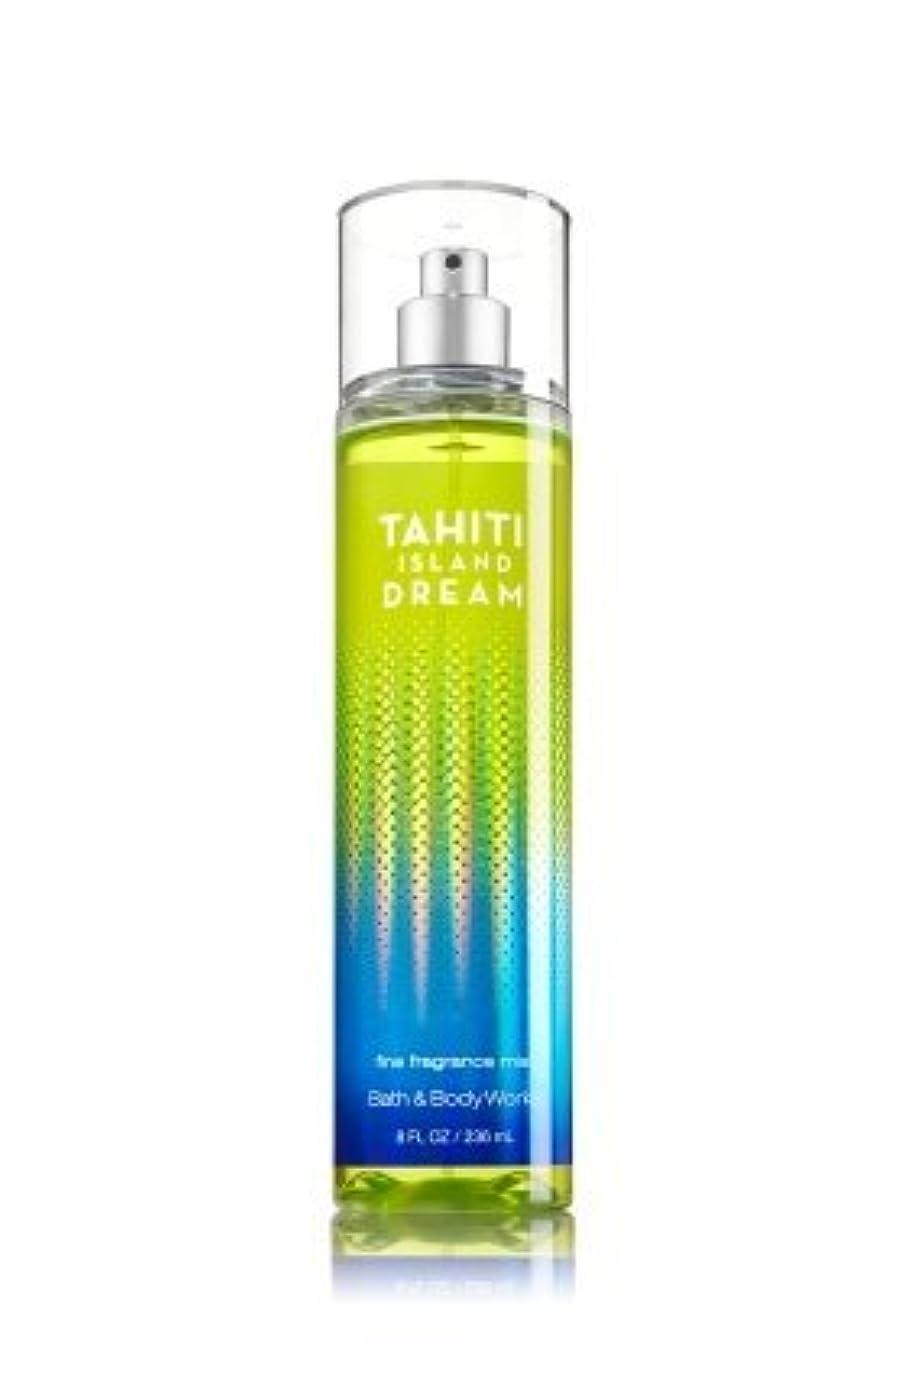 昨日委員会メロディー【Bath&Body Works/バス&ボディワークス】 ファインフレグランスミスト タヒチアイランドドリーム Fine Fragrance Mist Tahiti Island Dream 8oz (236ml) [並行輸入品]